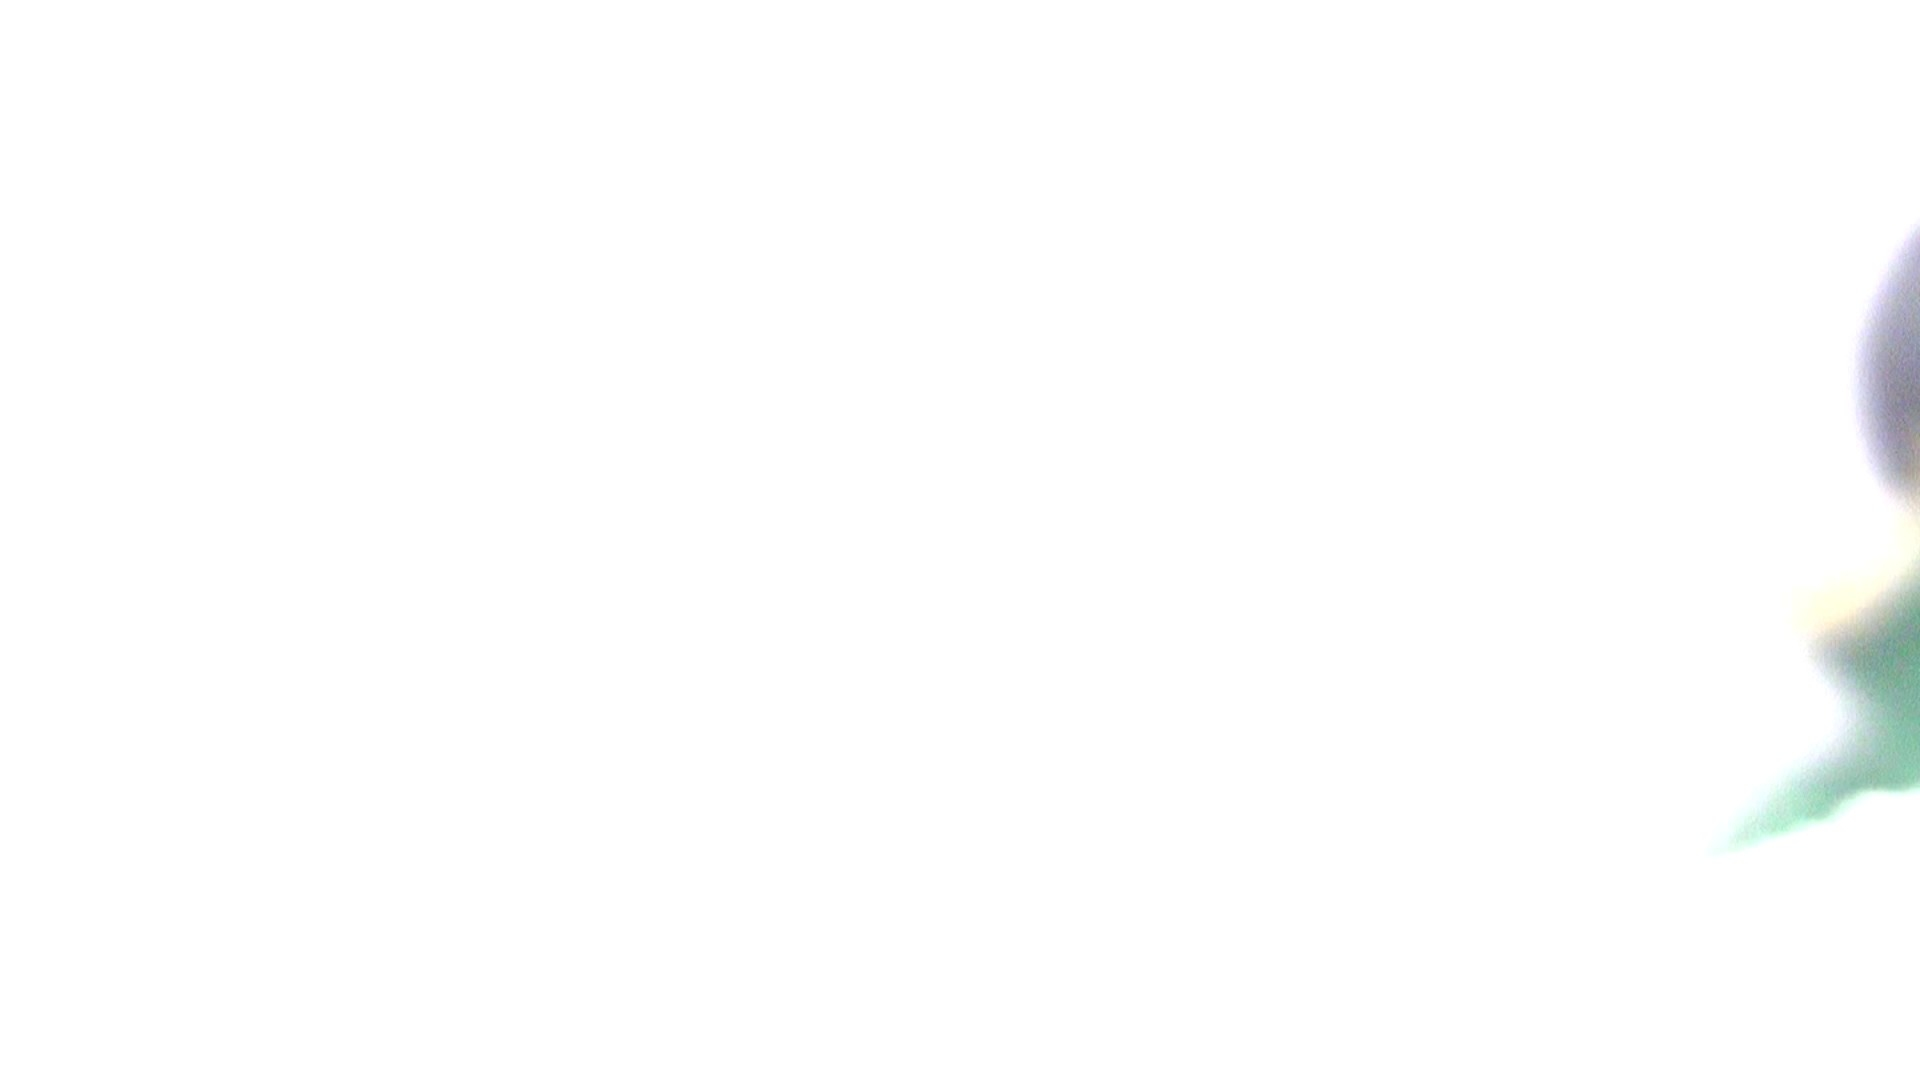 ※100個限定販売 至高下半身盗撮 プレミアム Vol.13 ハイビジョン 期間限定 盗撮われめAV動画紹介 61pic 50